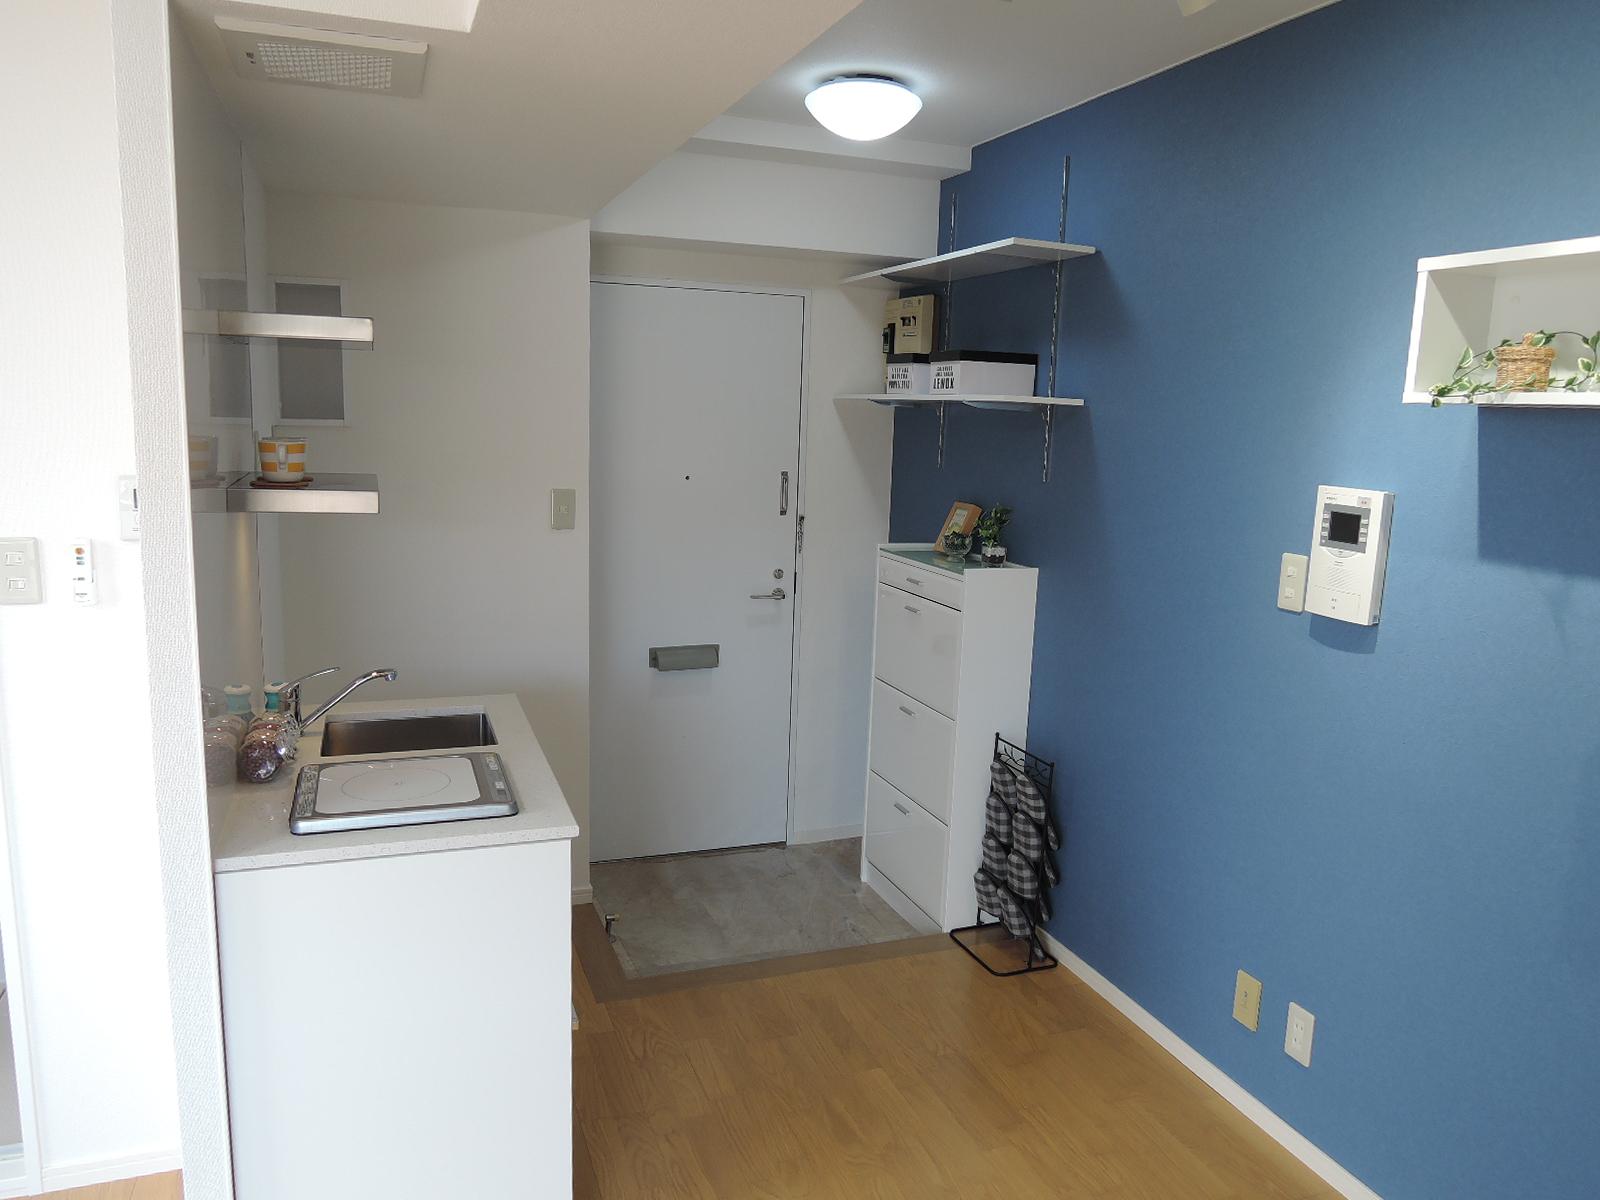 キッチンの向かいの壁は落ち着いた青